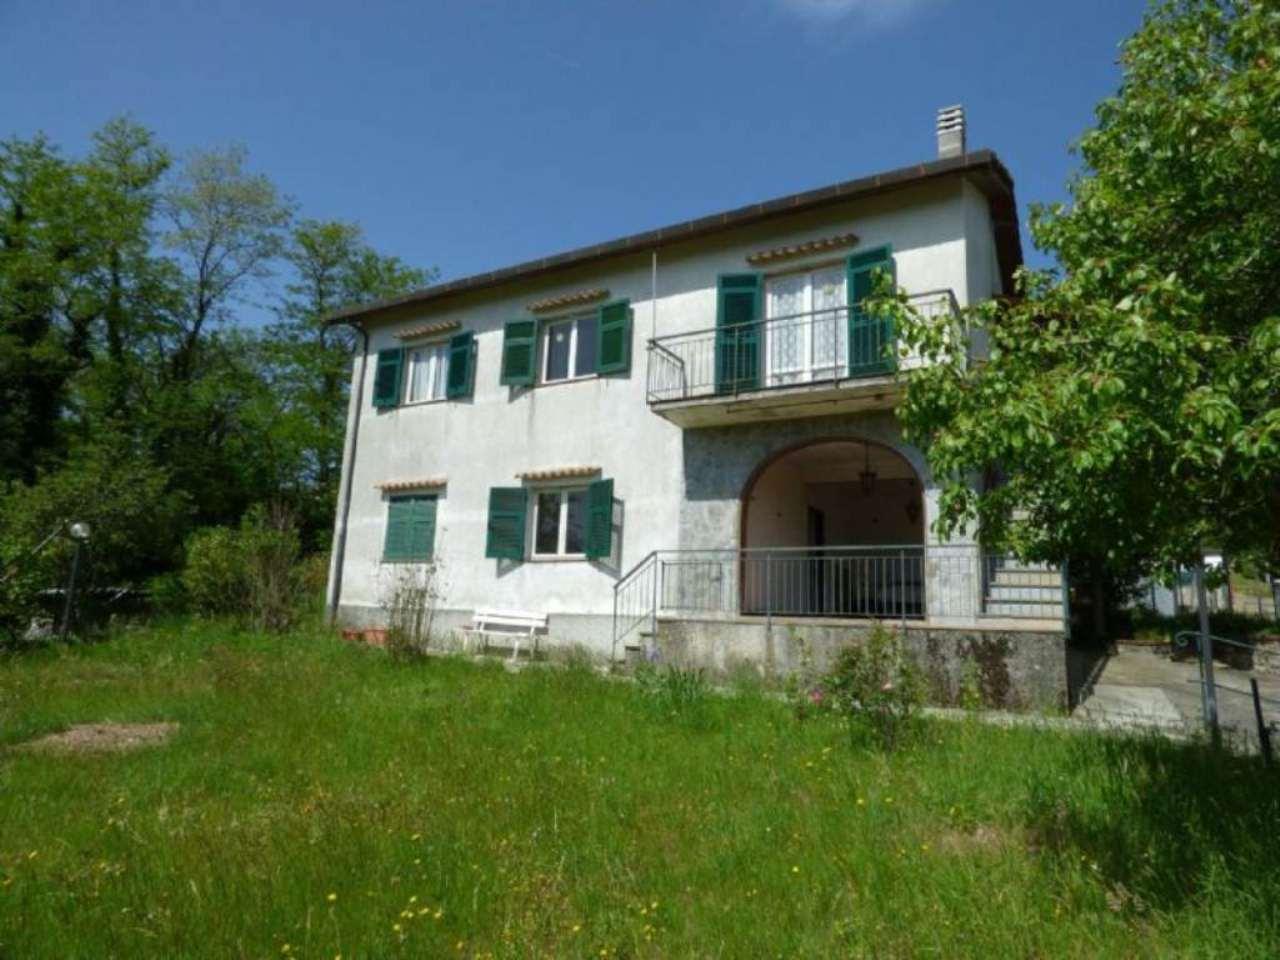 Soluzione Indipendente in vendita a Lumarzo, 9 locali, prezzo € 128.000 | Cambio Casa.it